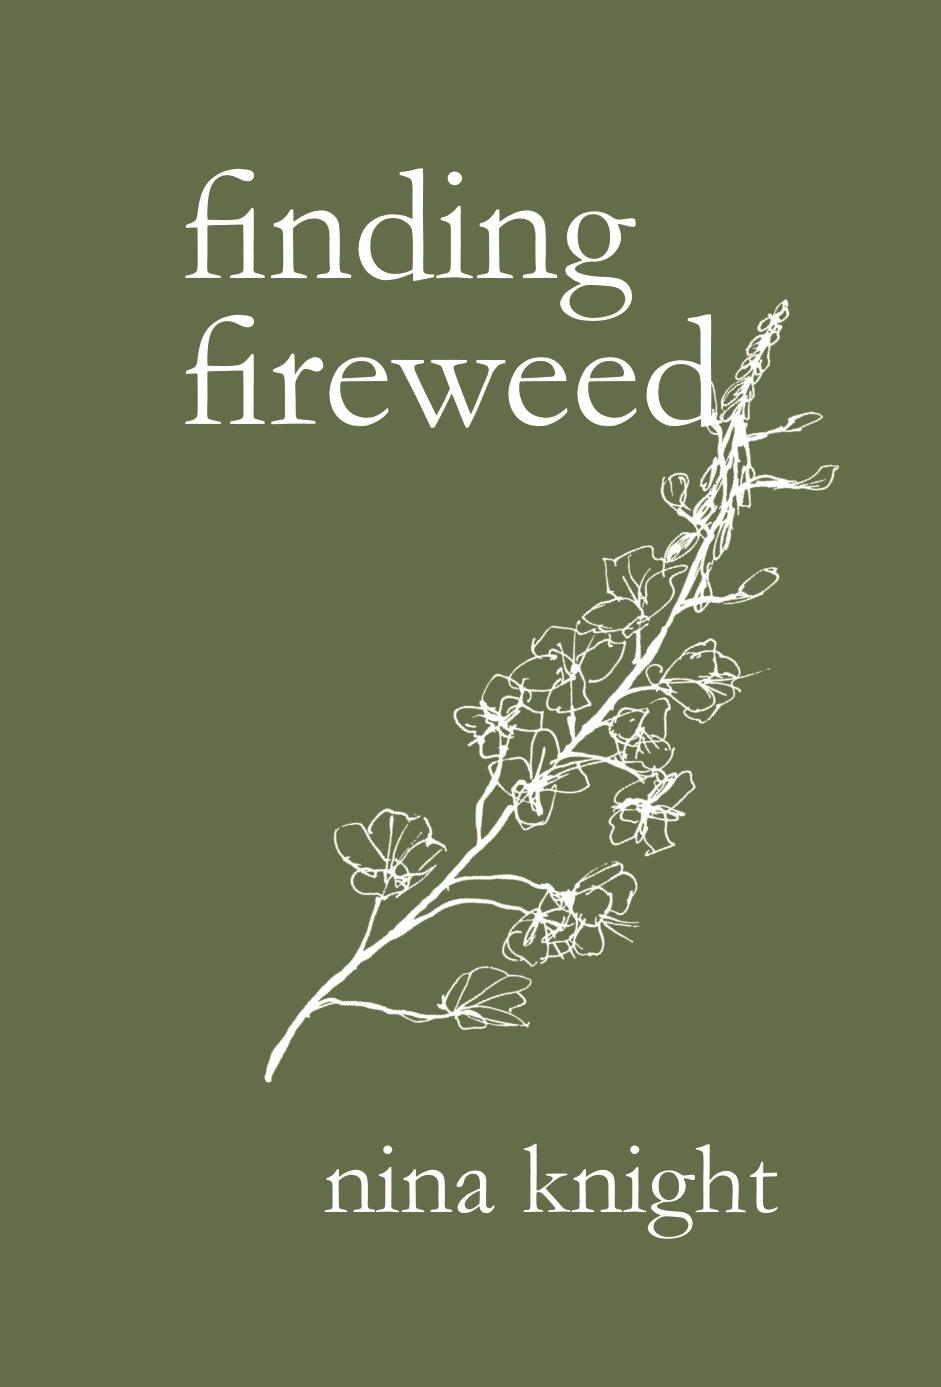 finding fireweed - Full OverhaulDesign CoordinationEditsSelf-Publishing SupportMarketingAvailable on Amazon